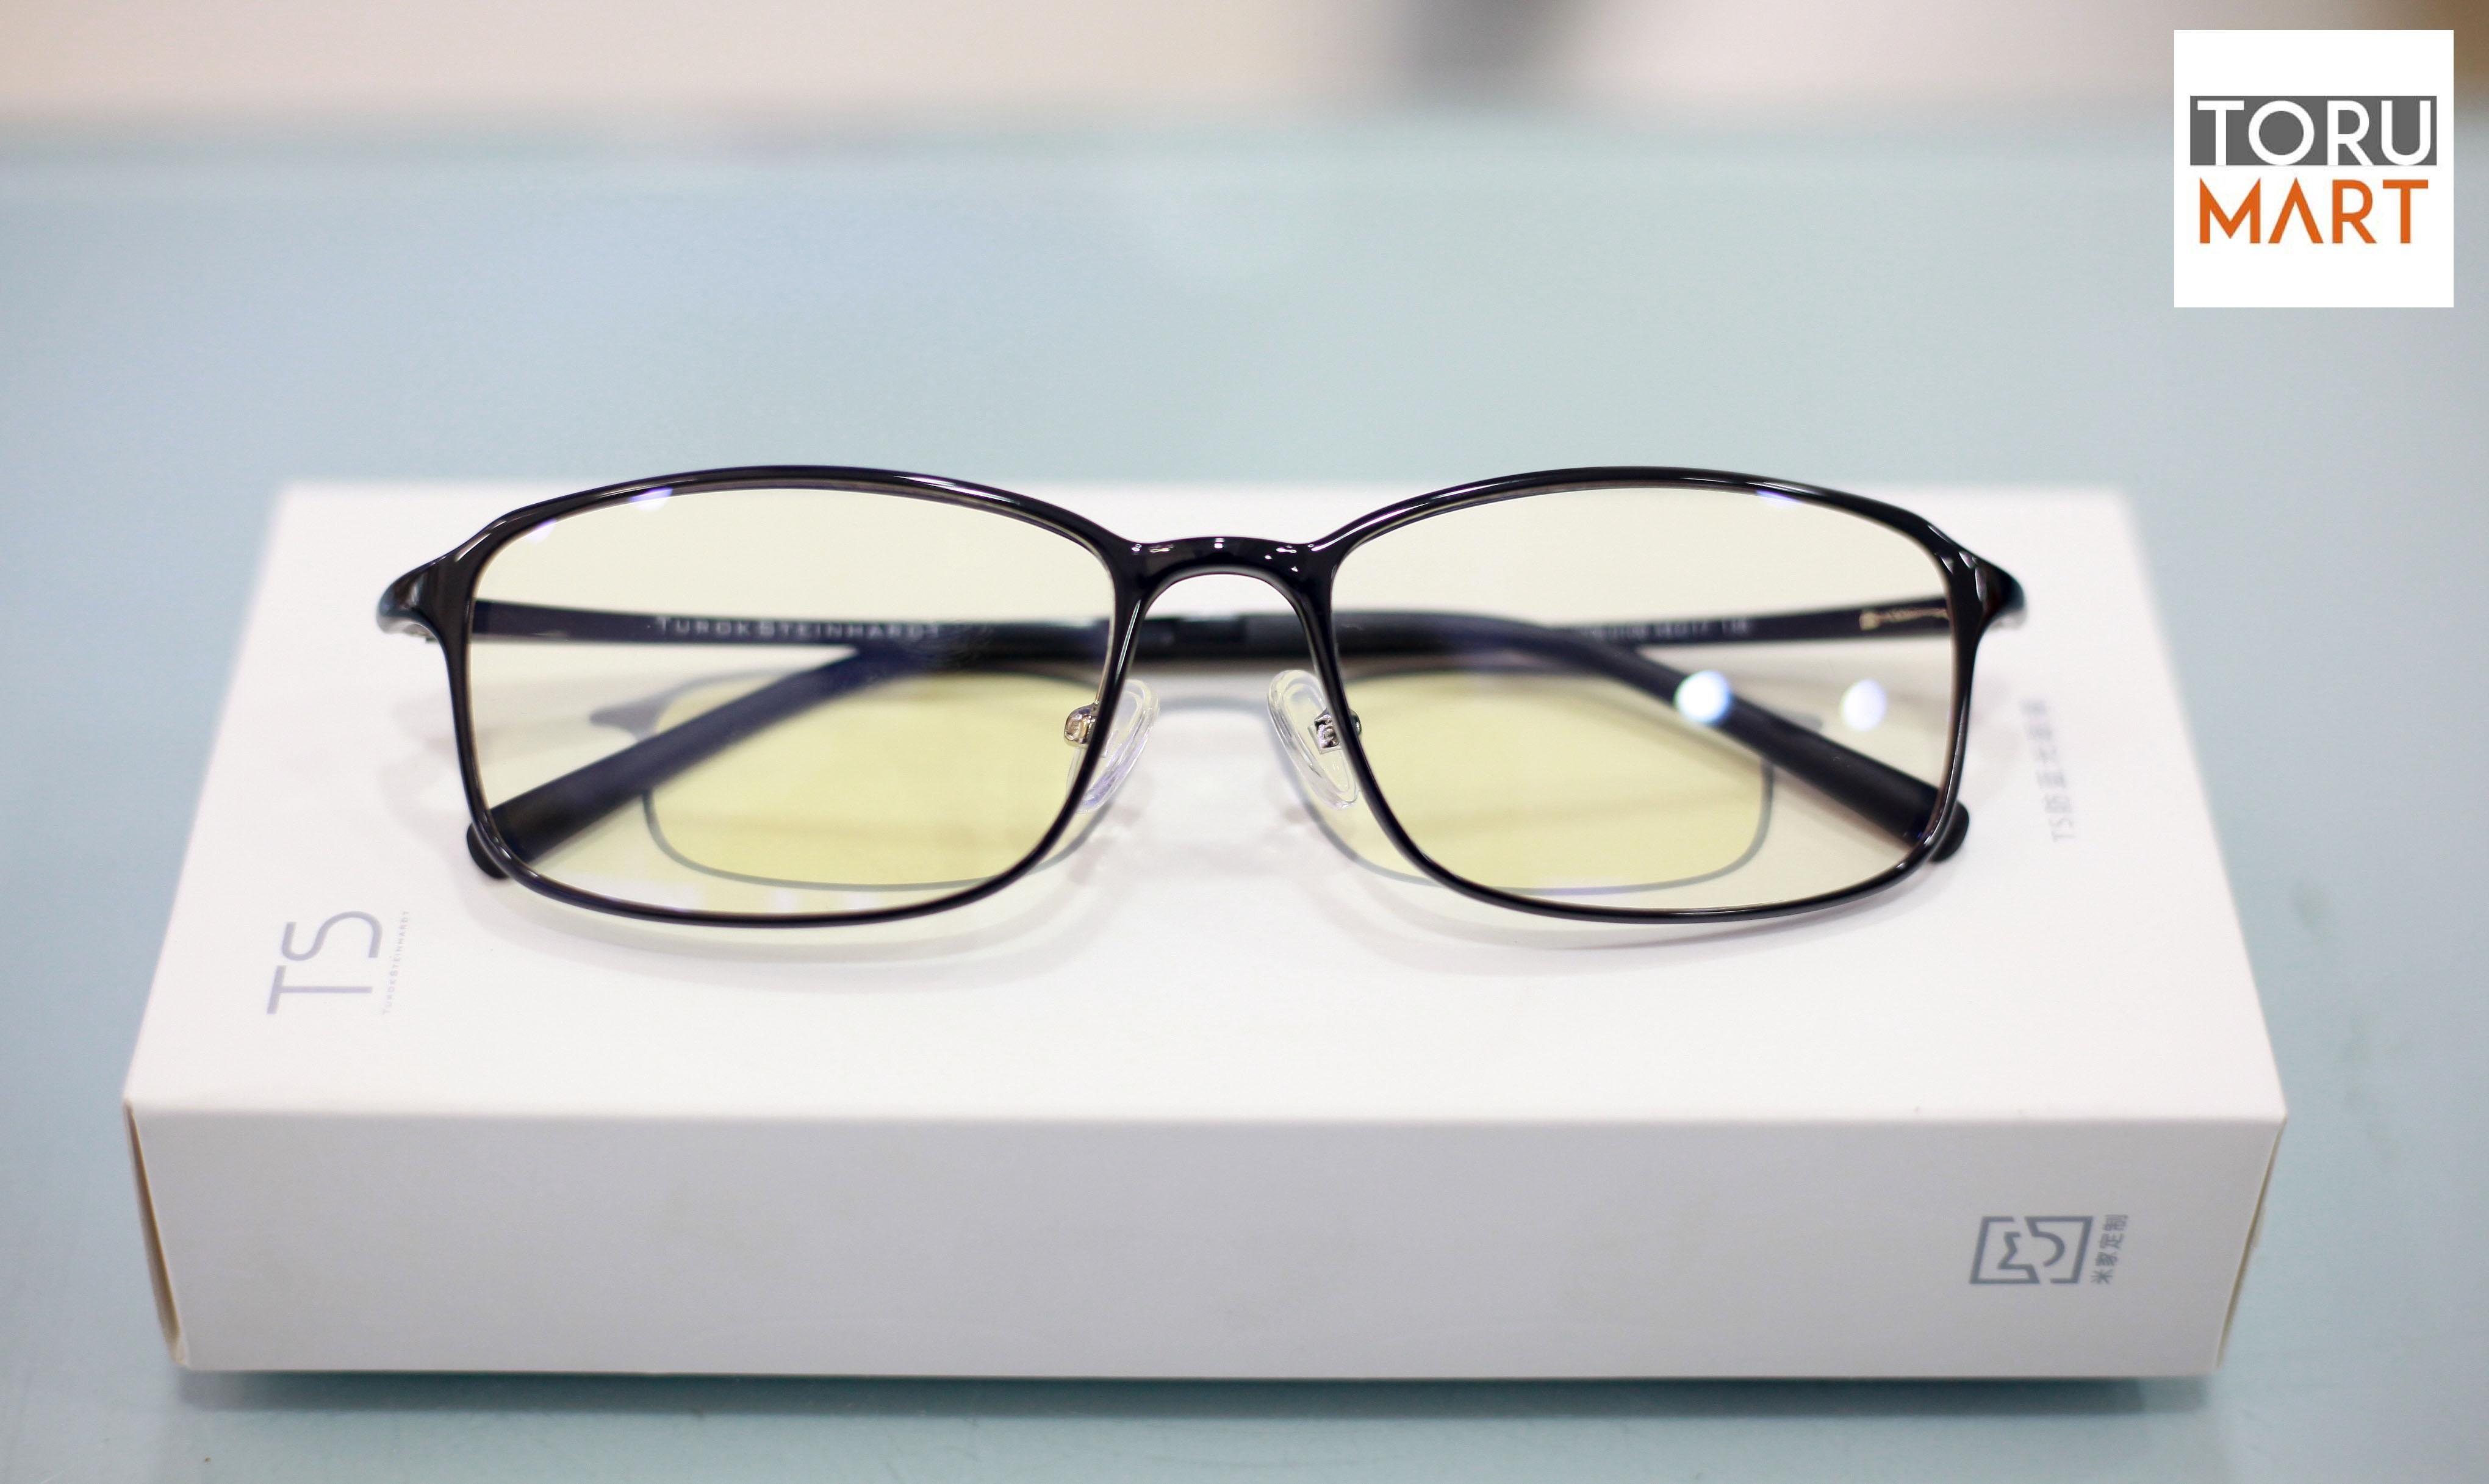 Xiaomi Mijia Ts Anti Blue Ray Glasses Torumart Pakistan